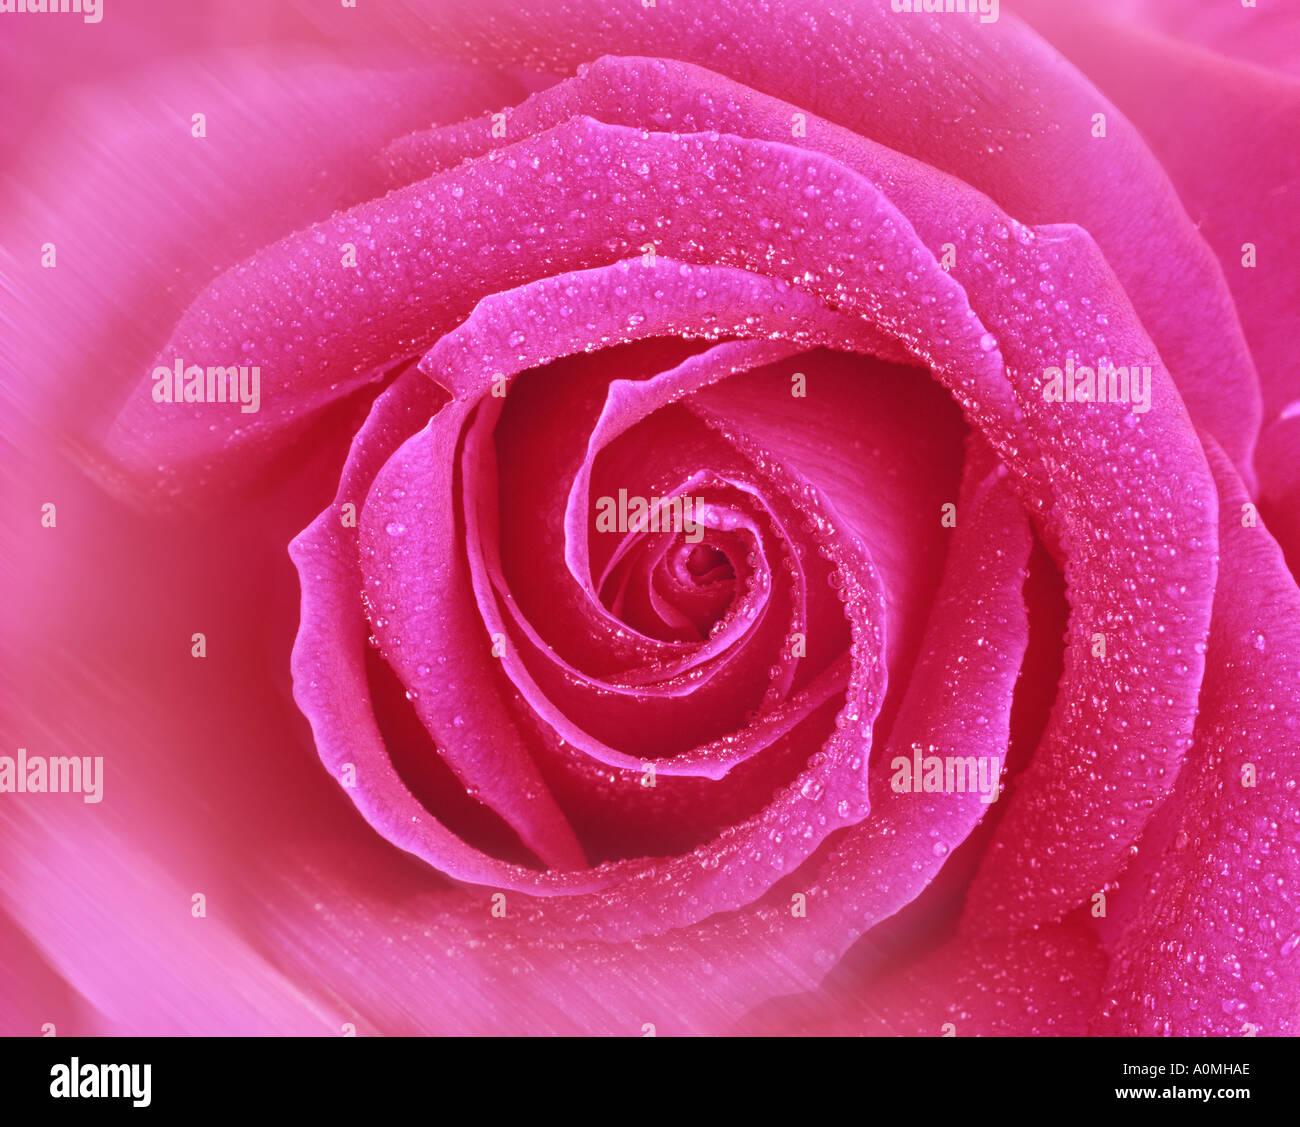 Flore: English Rose Rouge (lat: rosa007) Photo Stock